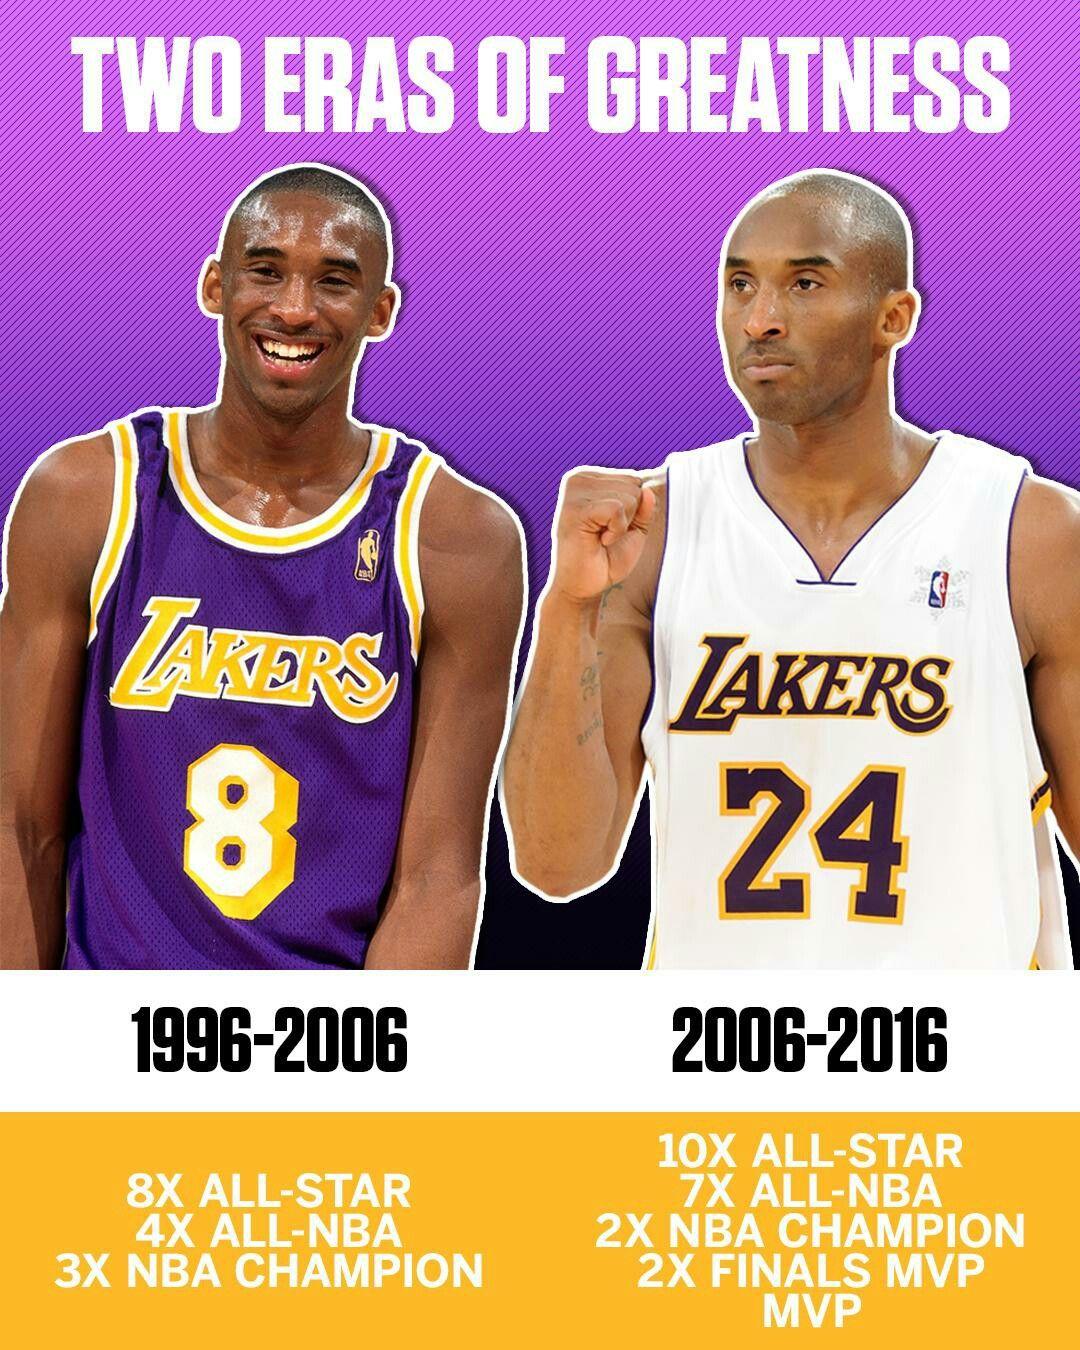 b0499e10 Kobe Bryant | Kobe Bryant | Lakers kobe bryant, Kobe bryant 24, Kobe ...